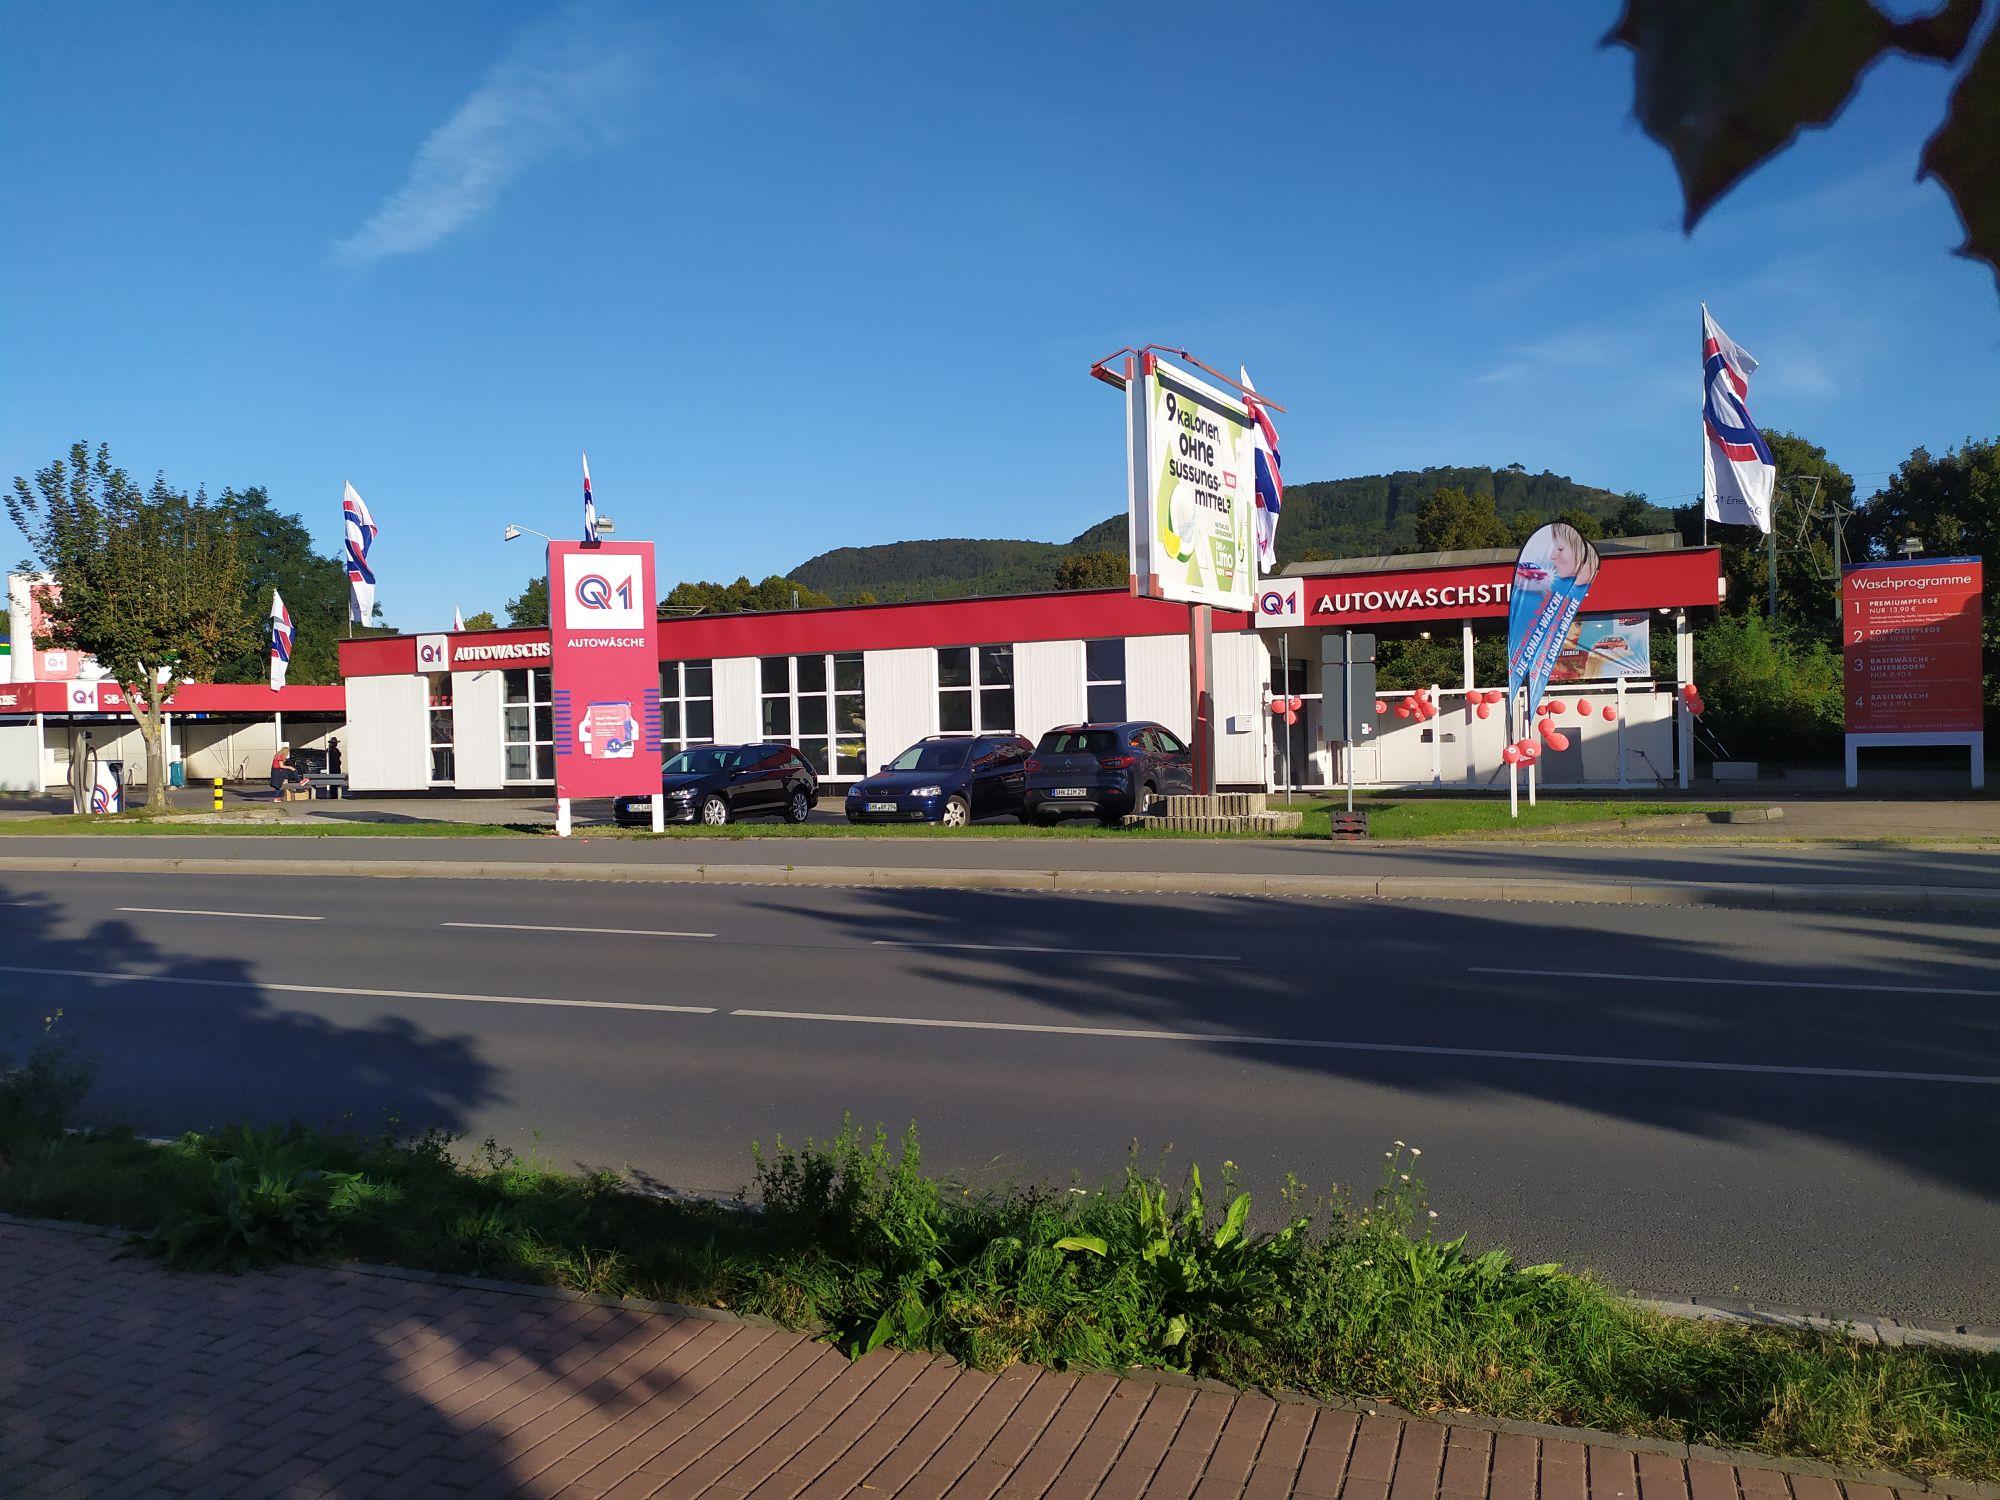 Basis Autowaschpflege für 1 Euro in Jena